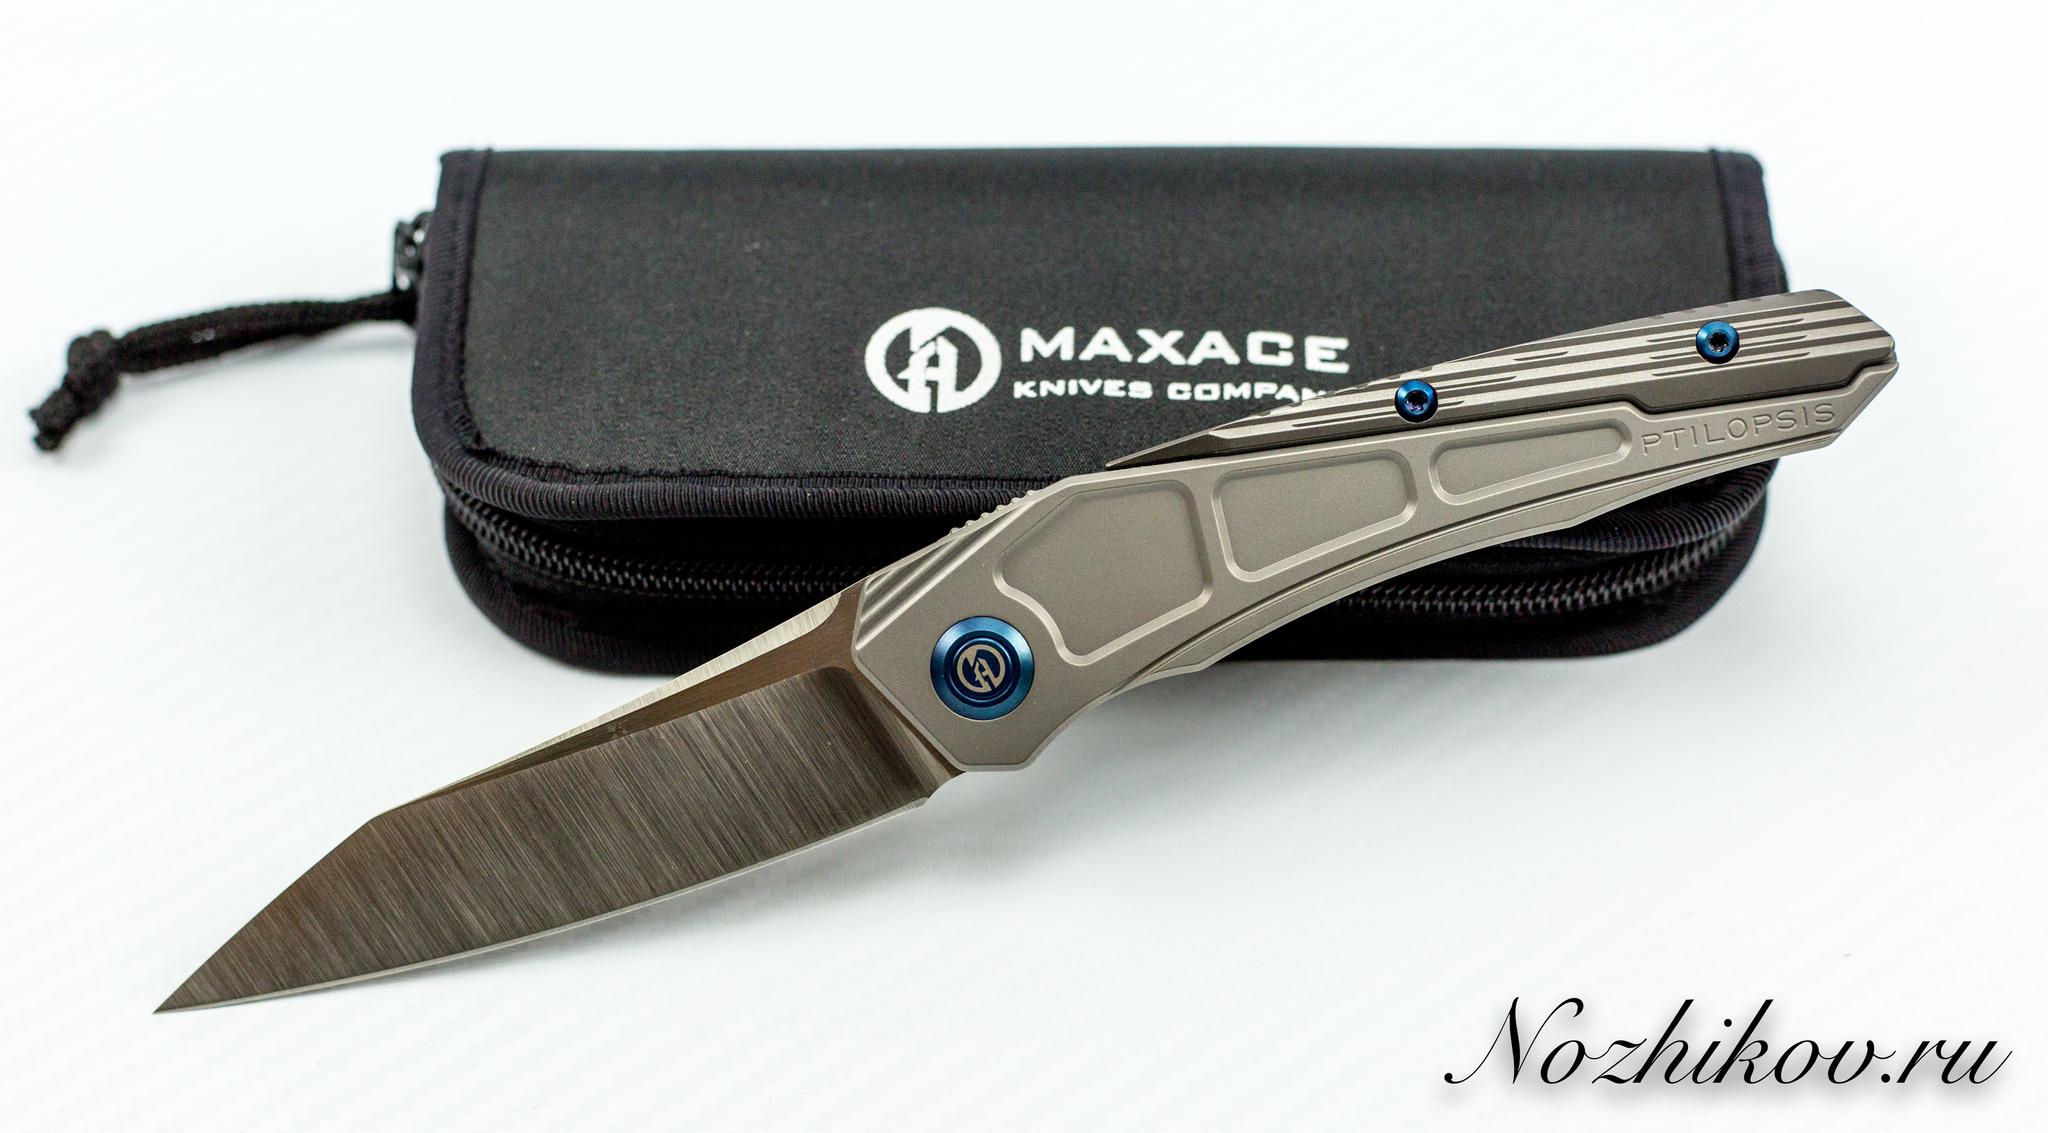 Складной нож Maxace Ptilopsis сталь M390Раскладные ножи<br>В НАЛИЧИИ ТОЛЬКО ВАРИАНТ СЕРОГО ЦВЕТА!!СКЛАДНОЙ НОЖ MAXACE PTILOPSIS СТАЛЬ M390 сочетает в себе инновационные материалы, современный дизайн и максимально брутальный внешний вид. Такой нож станет звездой в любой коллекции. Нож можно носить при себе, или можно поместить на коллекционный ложемент и любоваться. Клинок ножа выполнен из порошковой стали высокой твердости, что обеспечивает сохранность режущей кромки в течение длительного времени. Нож легко затачивается до бритвенной остроты. Рукоятка ножа выполнена из облегченного титанового сплава, который используется в космической промышленности.<br>